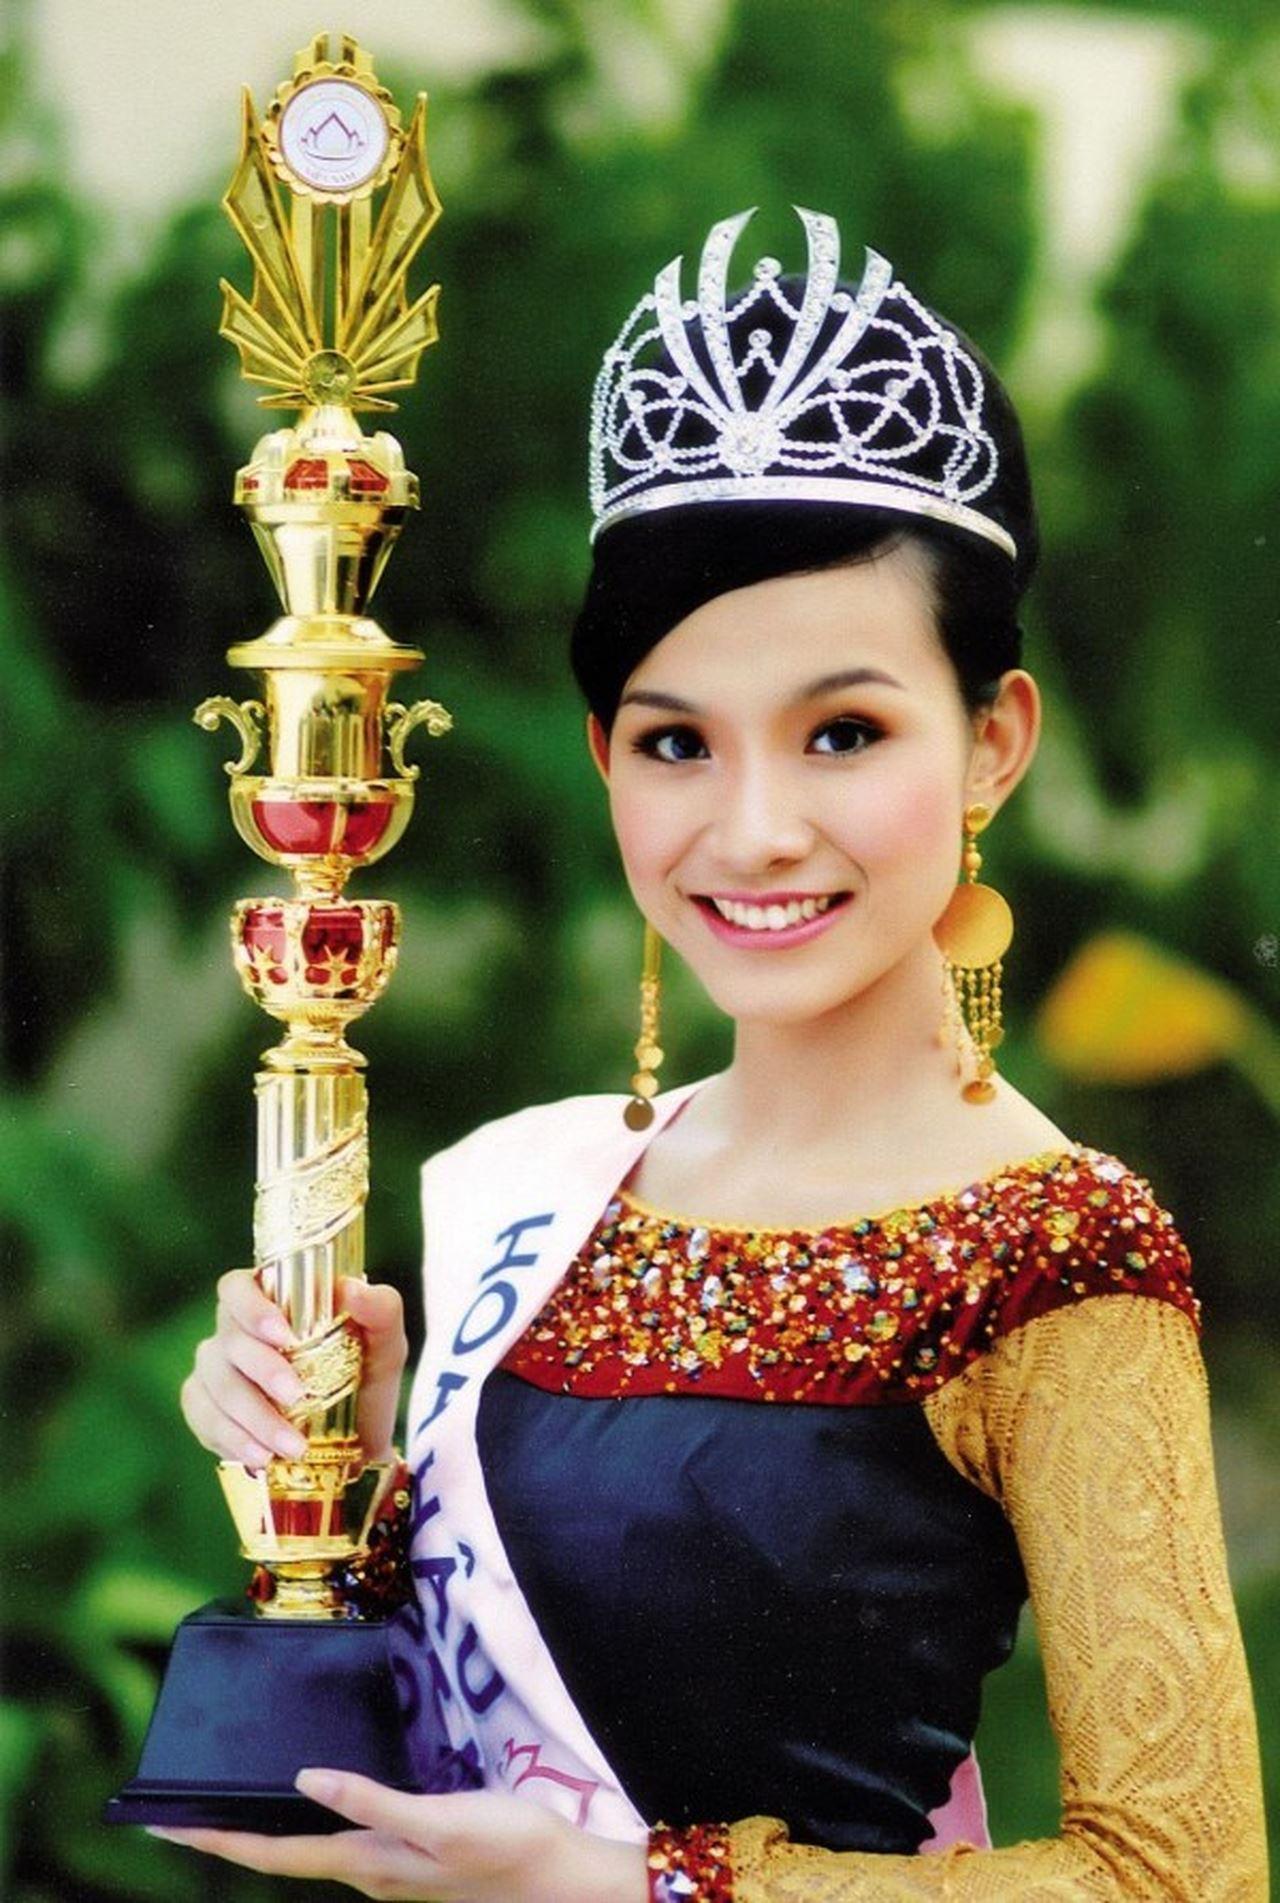 10 năm Việt Nam chỉ tìm được 3 Hoa hậu Hoàn vũ, ai mới là người được lòng công chúng nhất khi vừa đăng quang? - Ảnh 1.